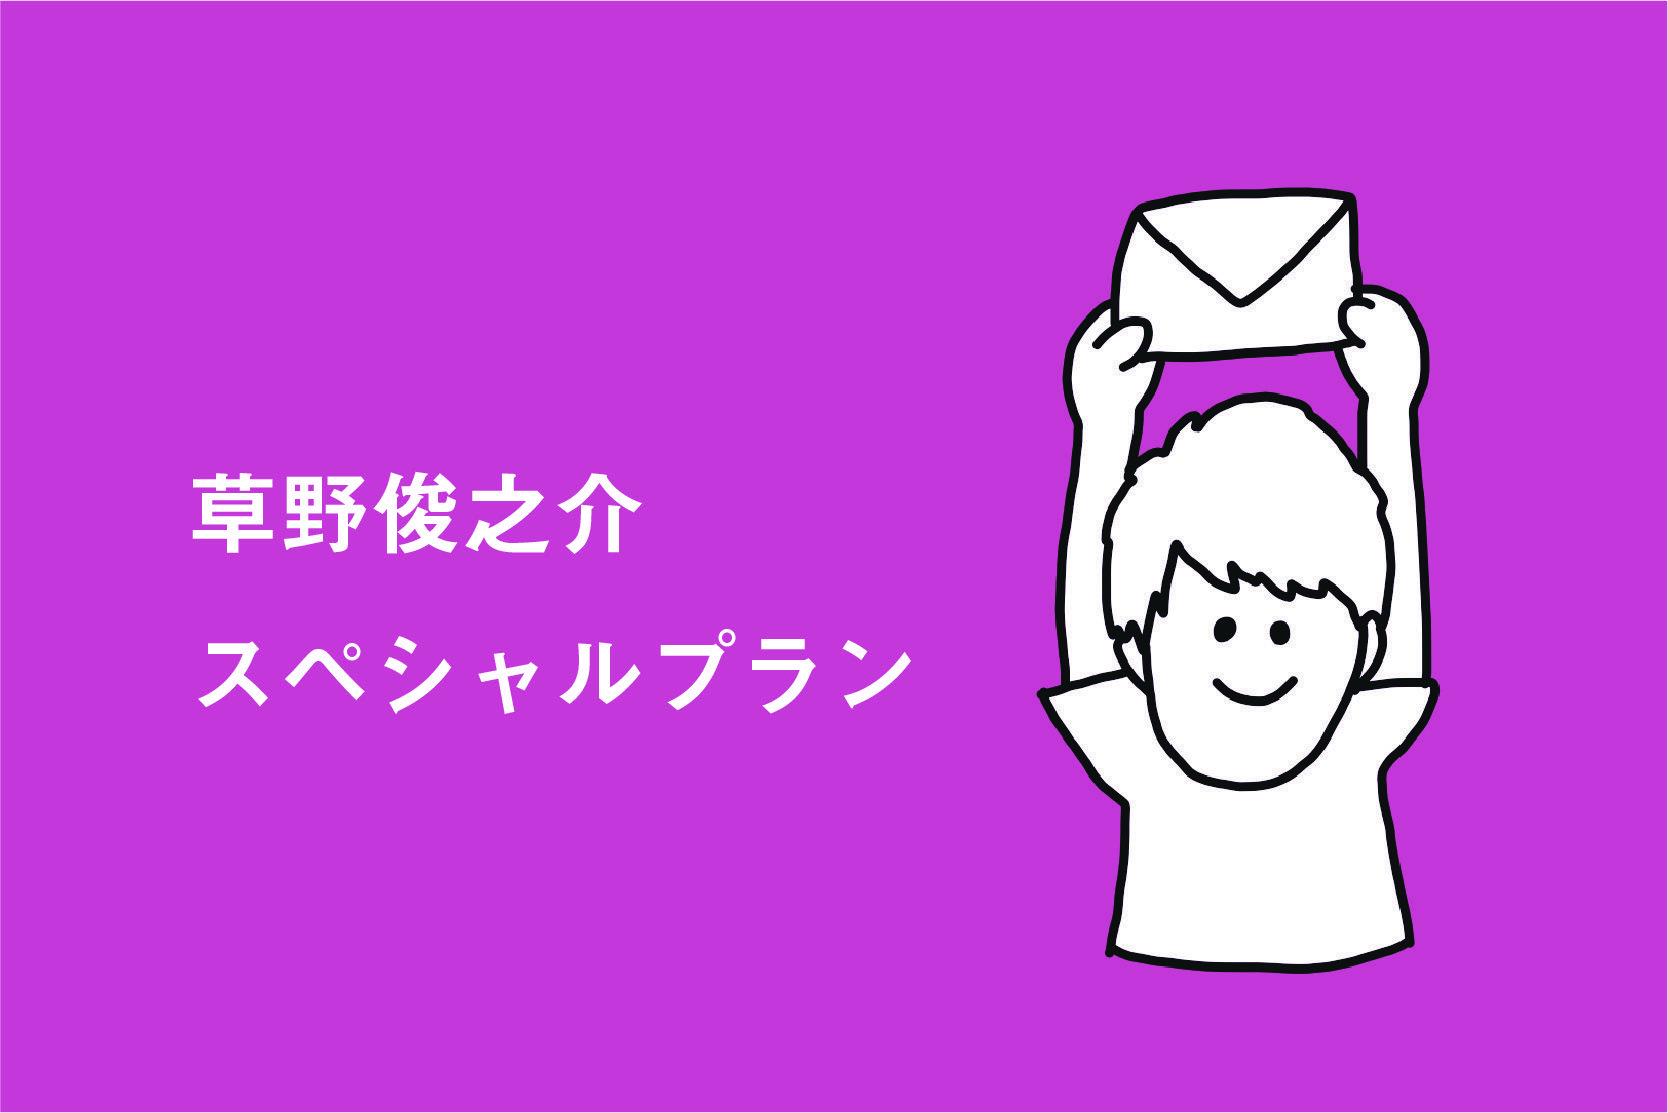 <草野俊之介 スペシャル プラン>